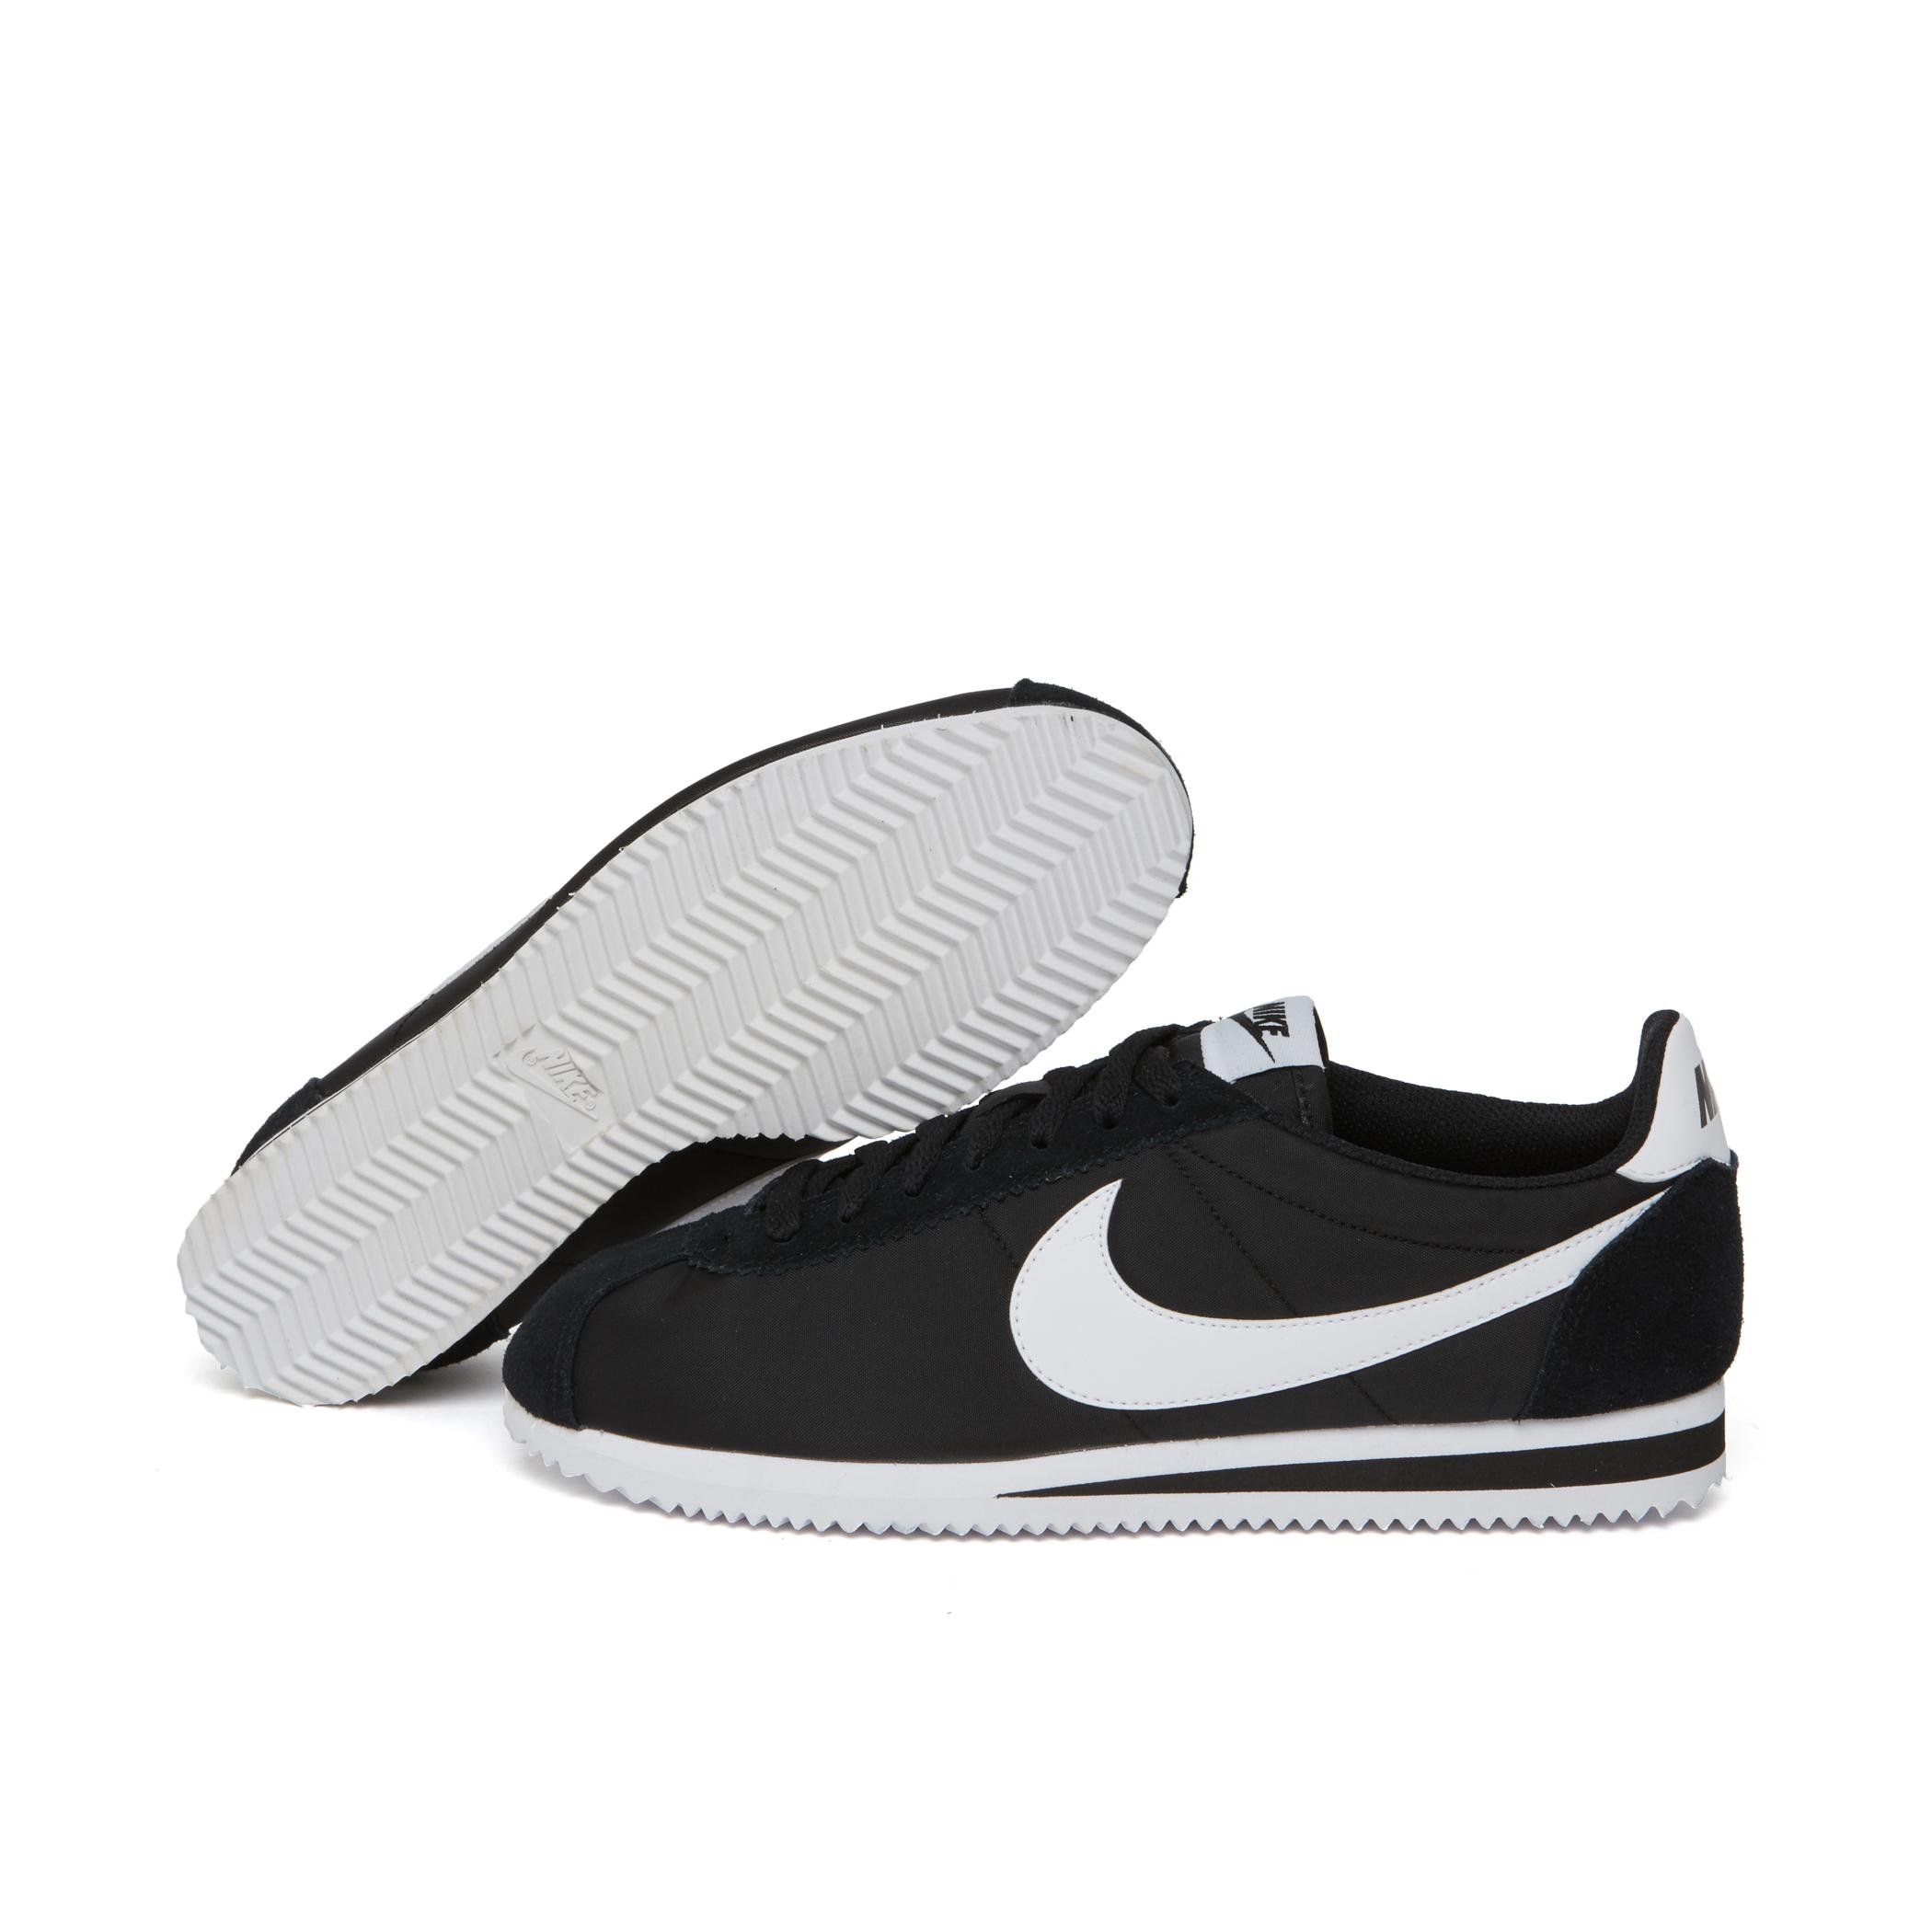 ec3b3719 Кроссовки Cortez от Nike (807472-011) - продажа, цена, фото, описание